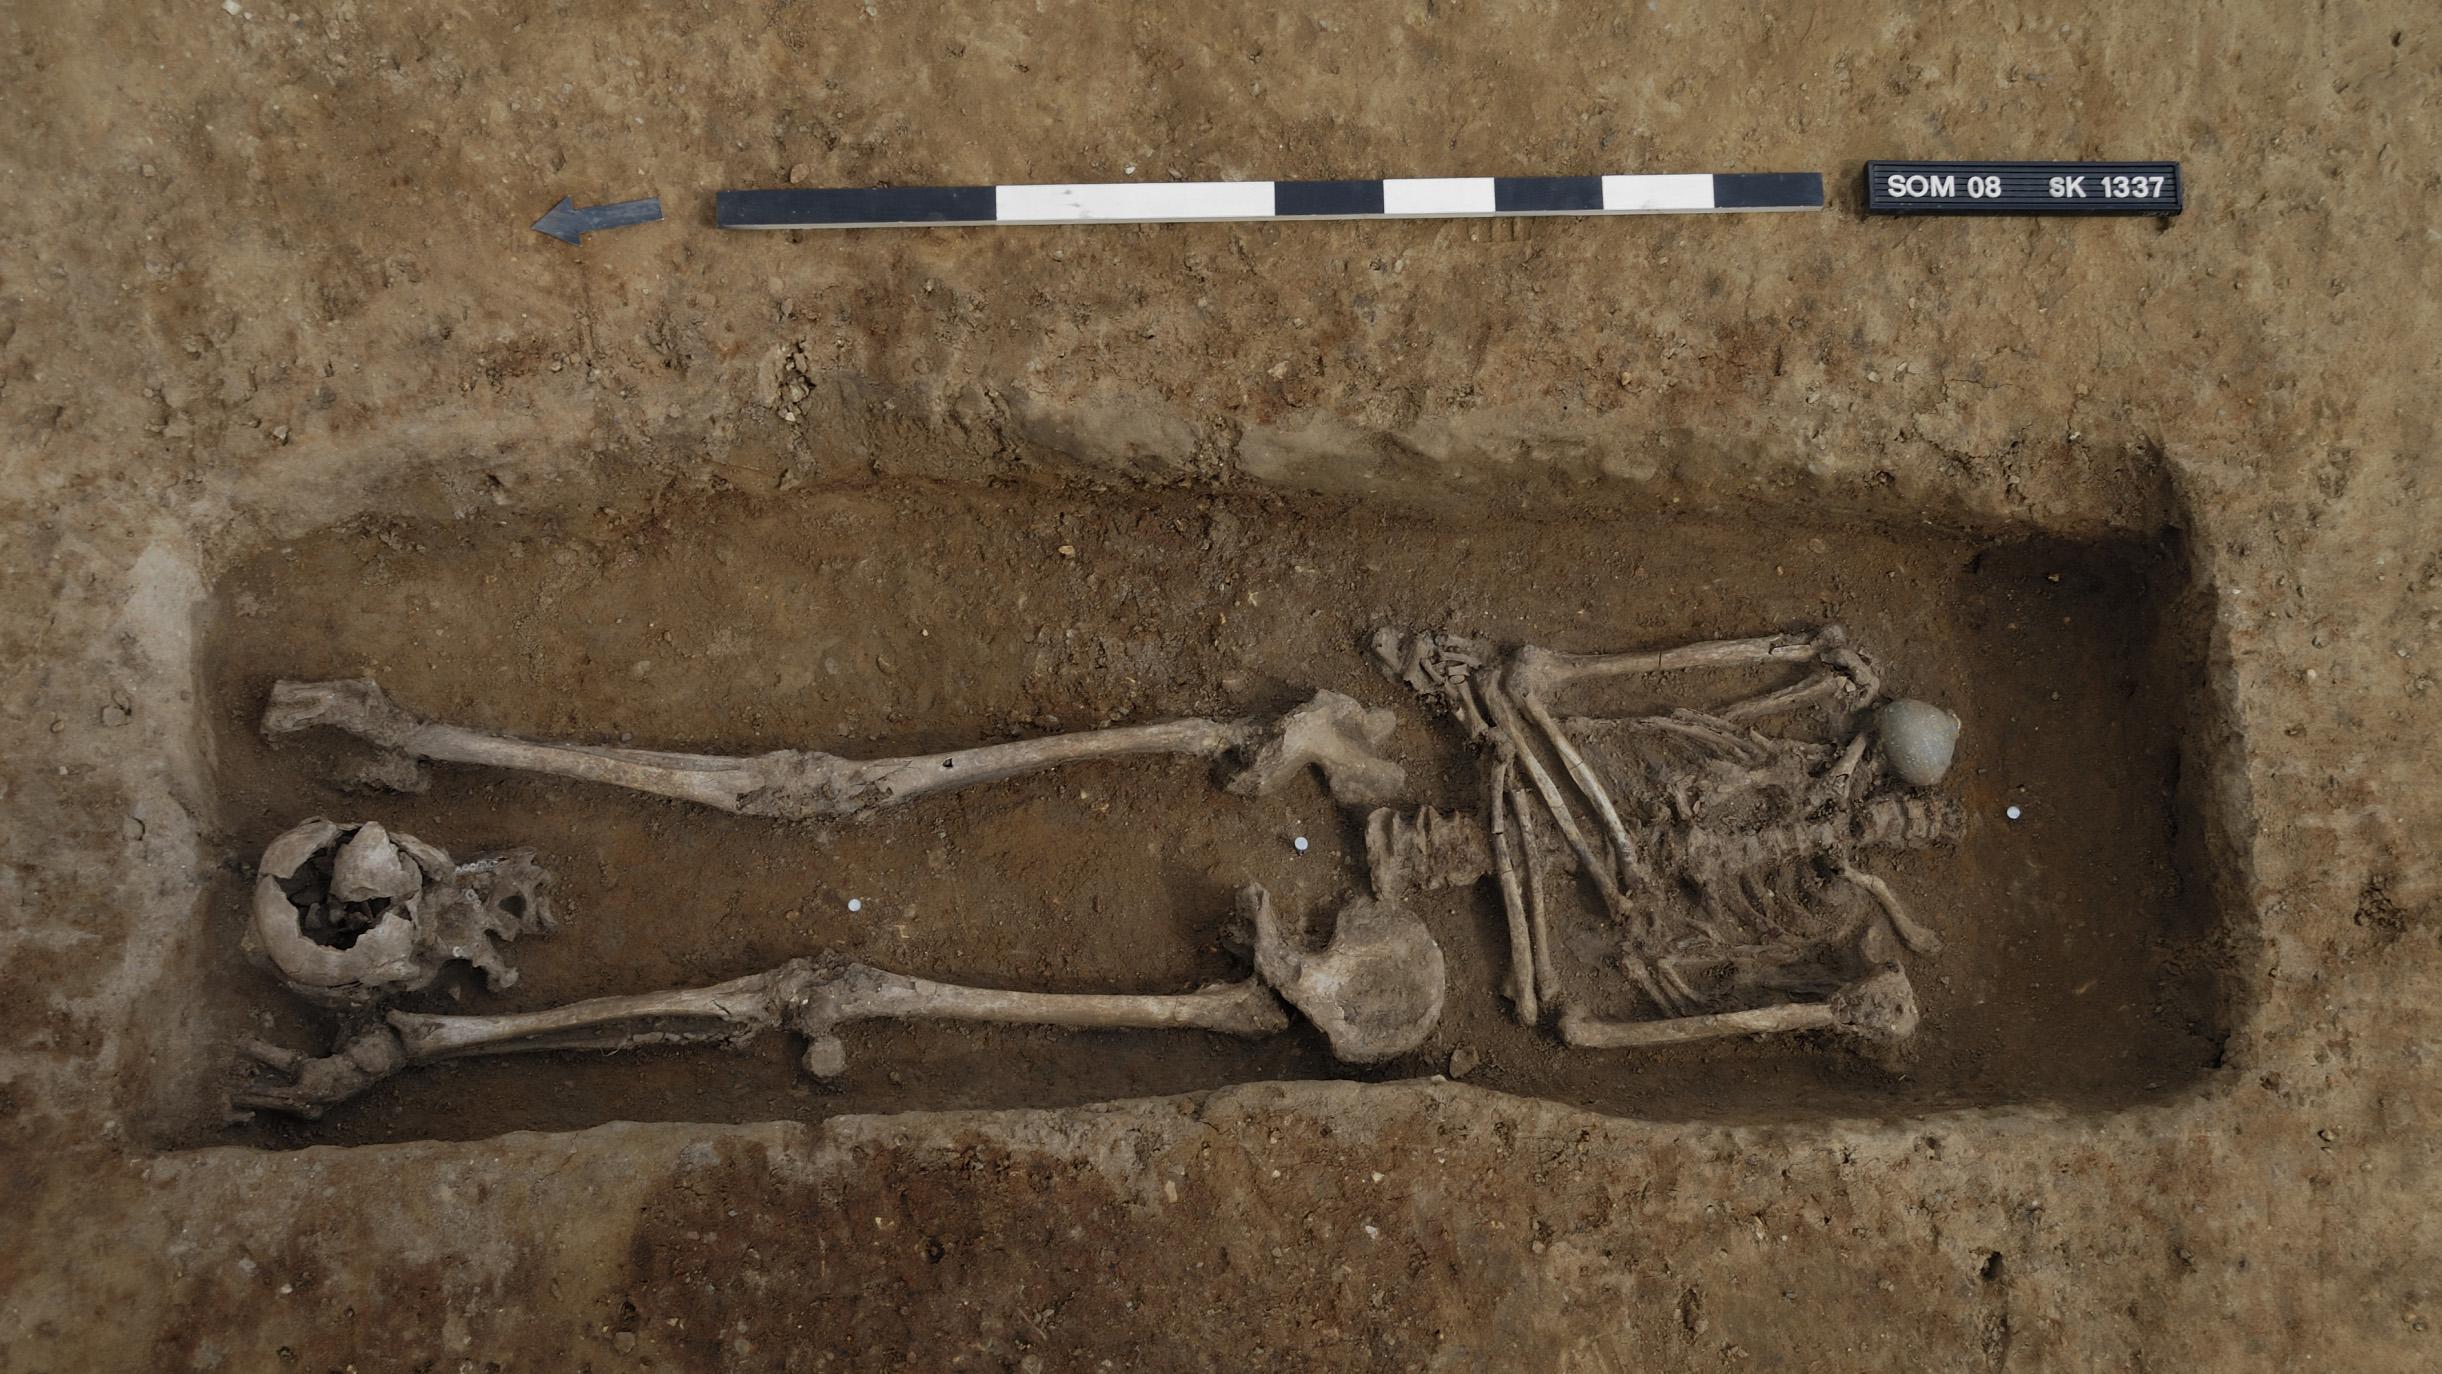 Le crâne de ce squelette décapité a été enterré aux pieds de l'individu.